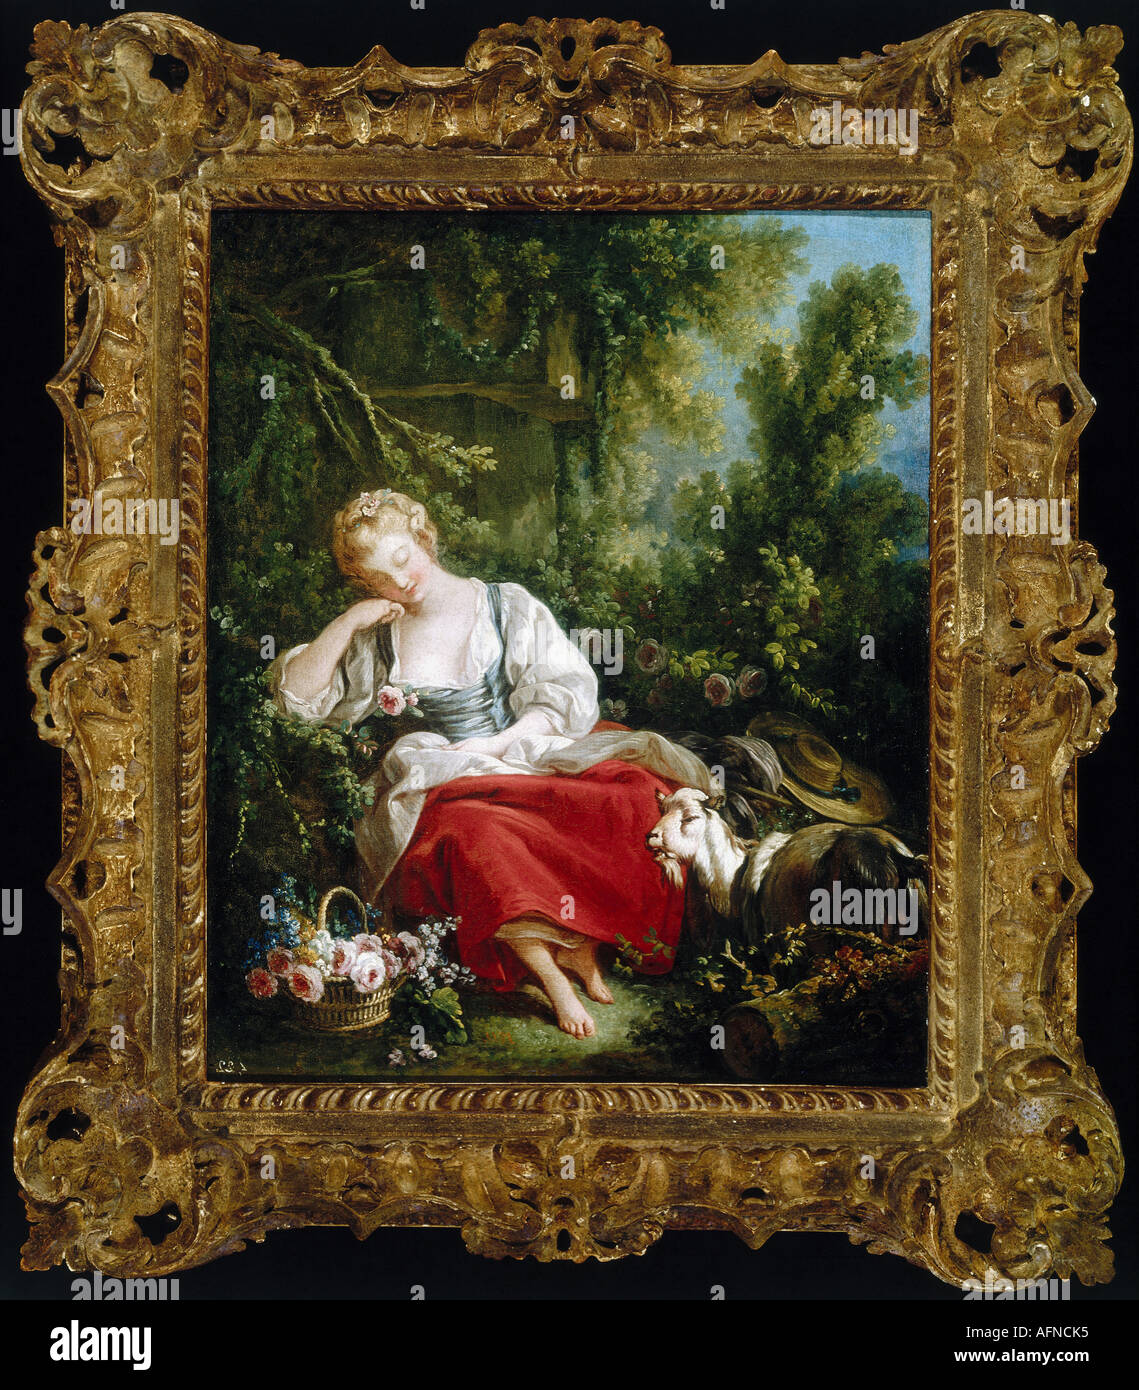 19th Century Romanticism in Europe